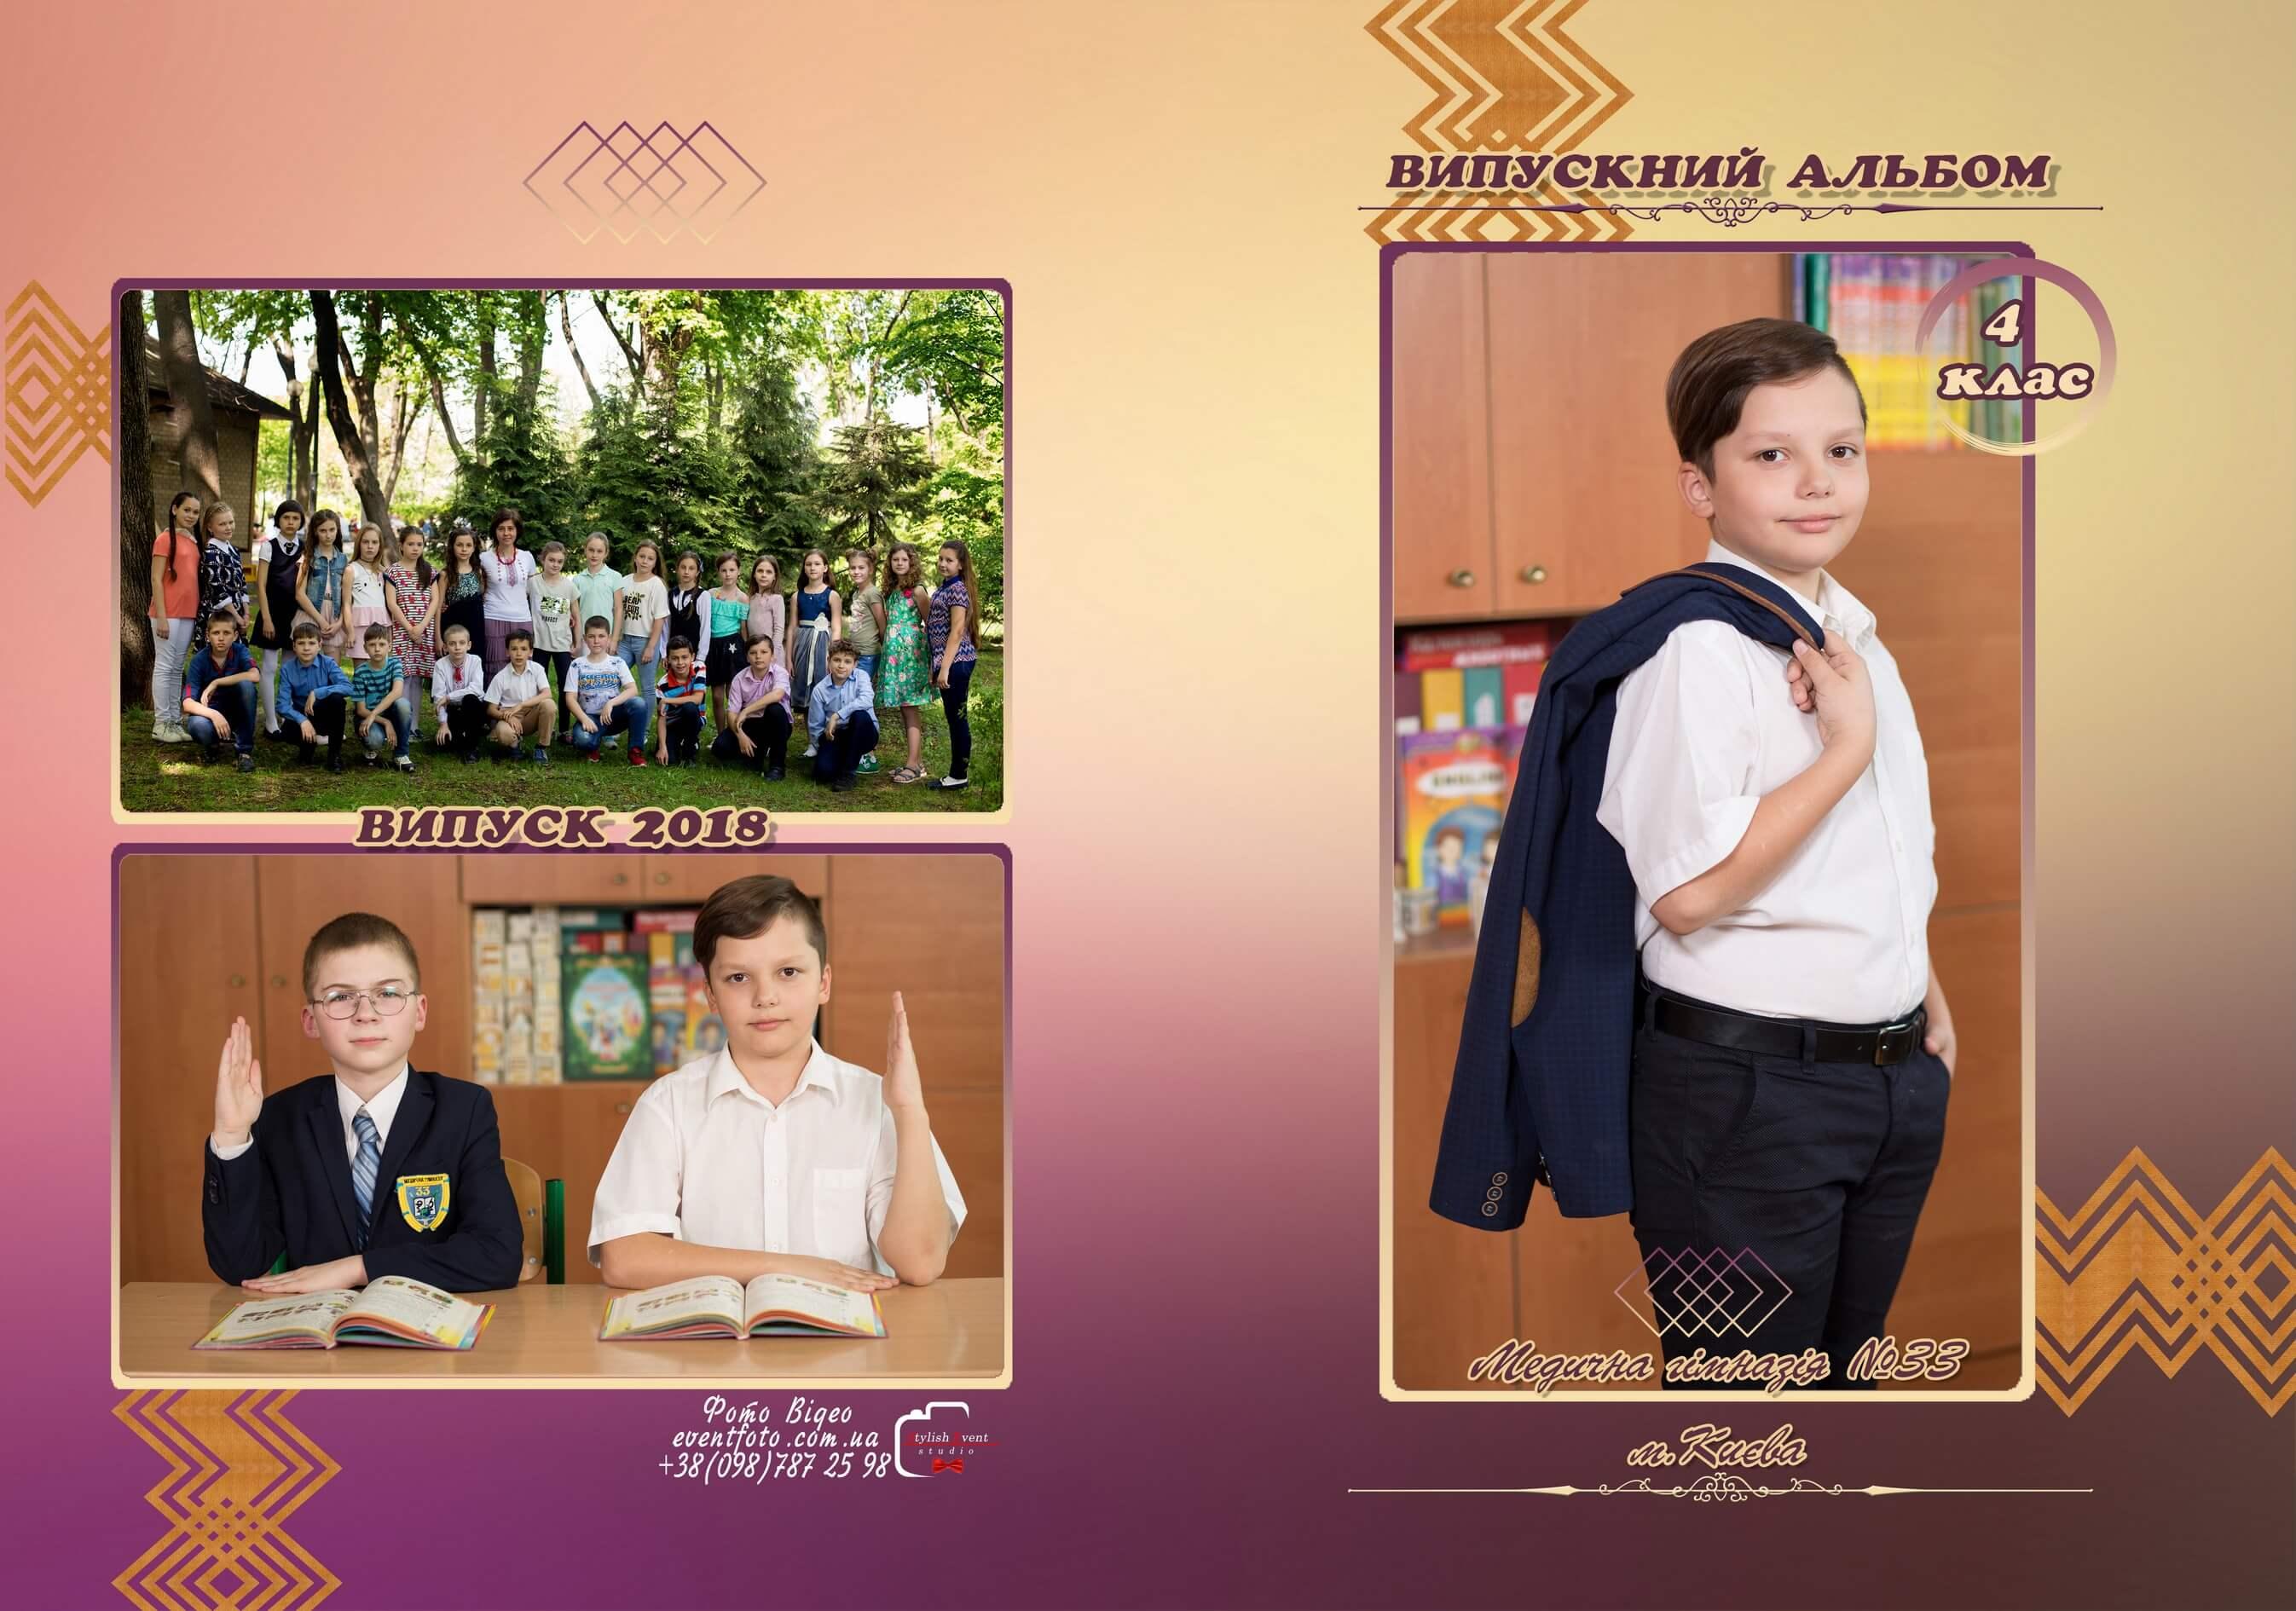 Выпускные альбомы 4 класс для школьника заказать Лучшие фотографы для создания выпускных альбомов